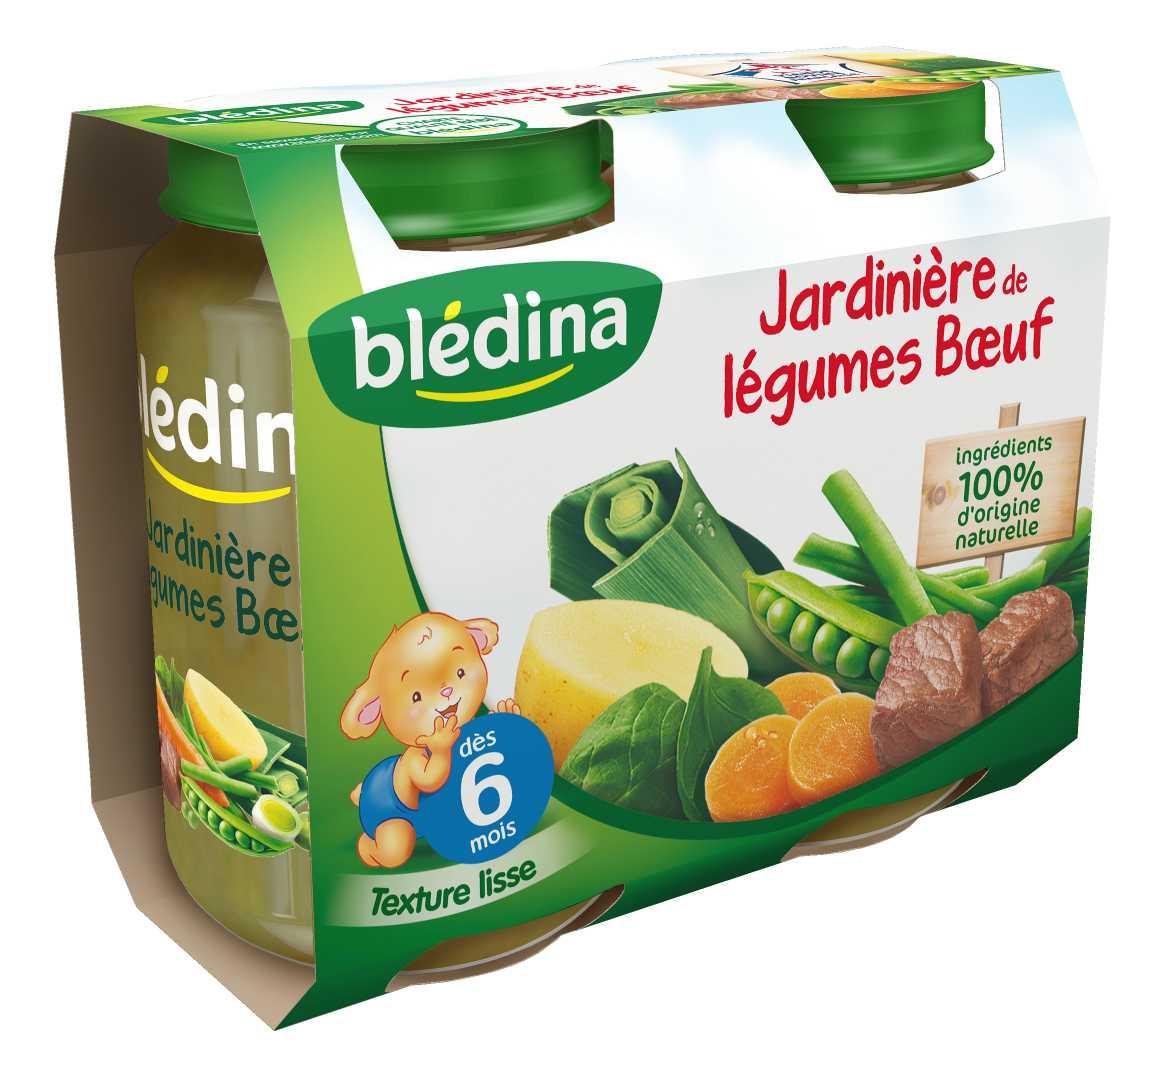 Pot Jardinière de légumes Bœuf 2x200g